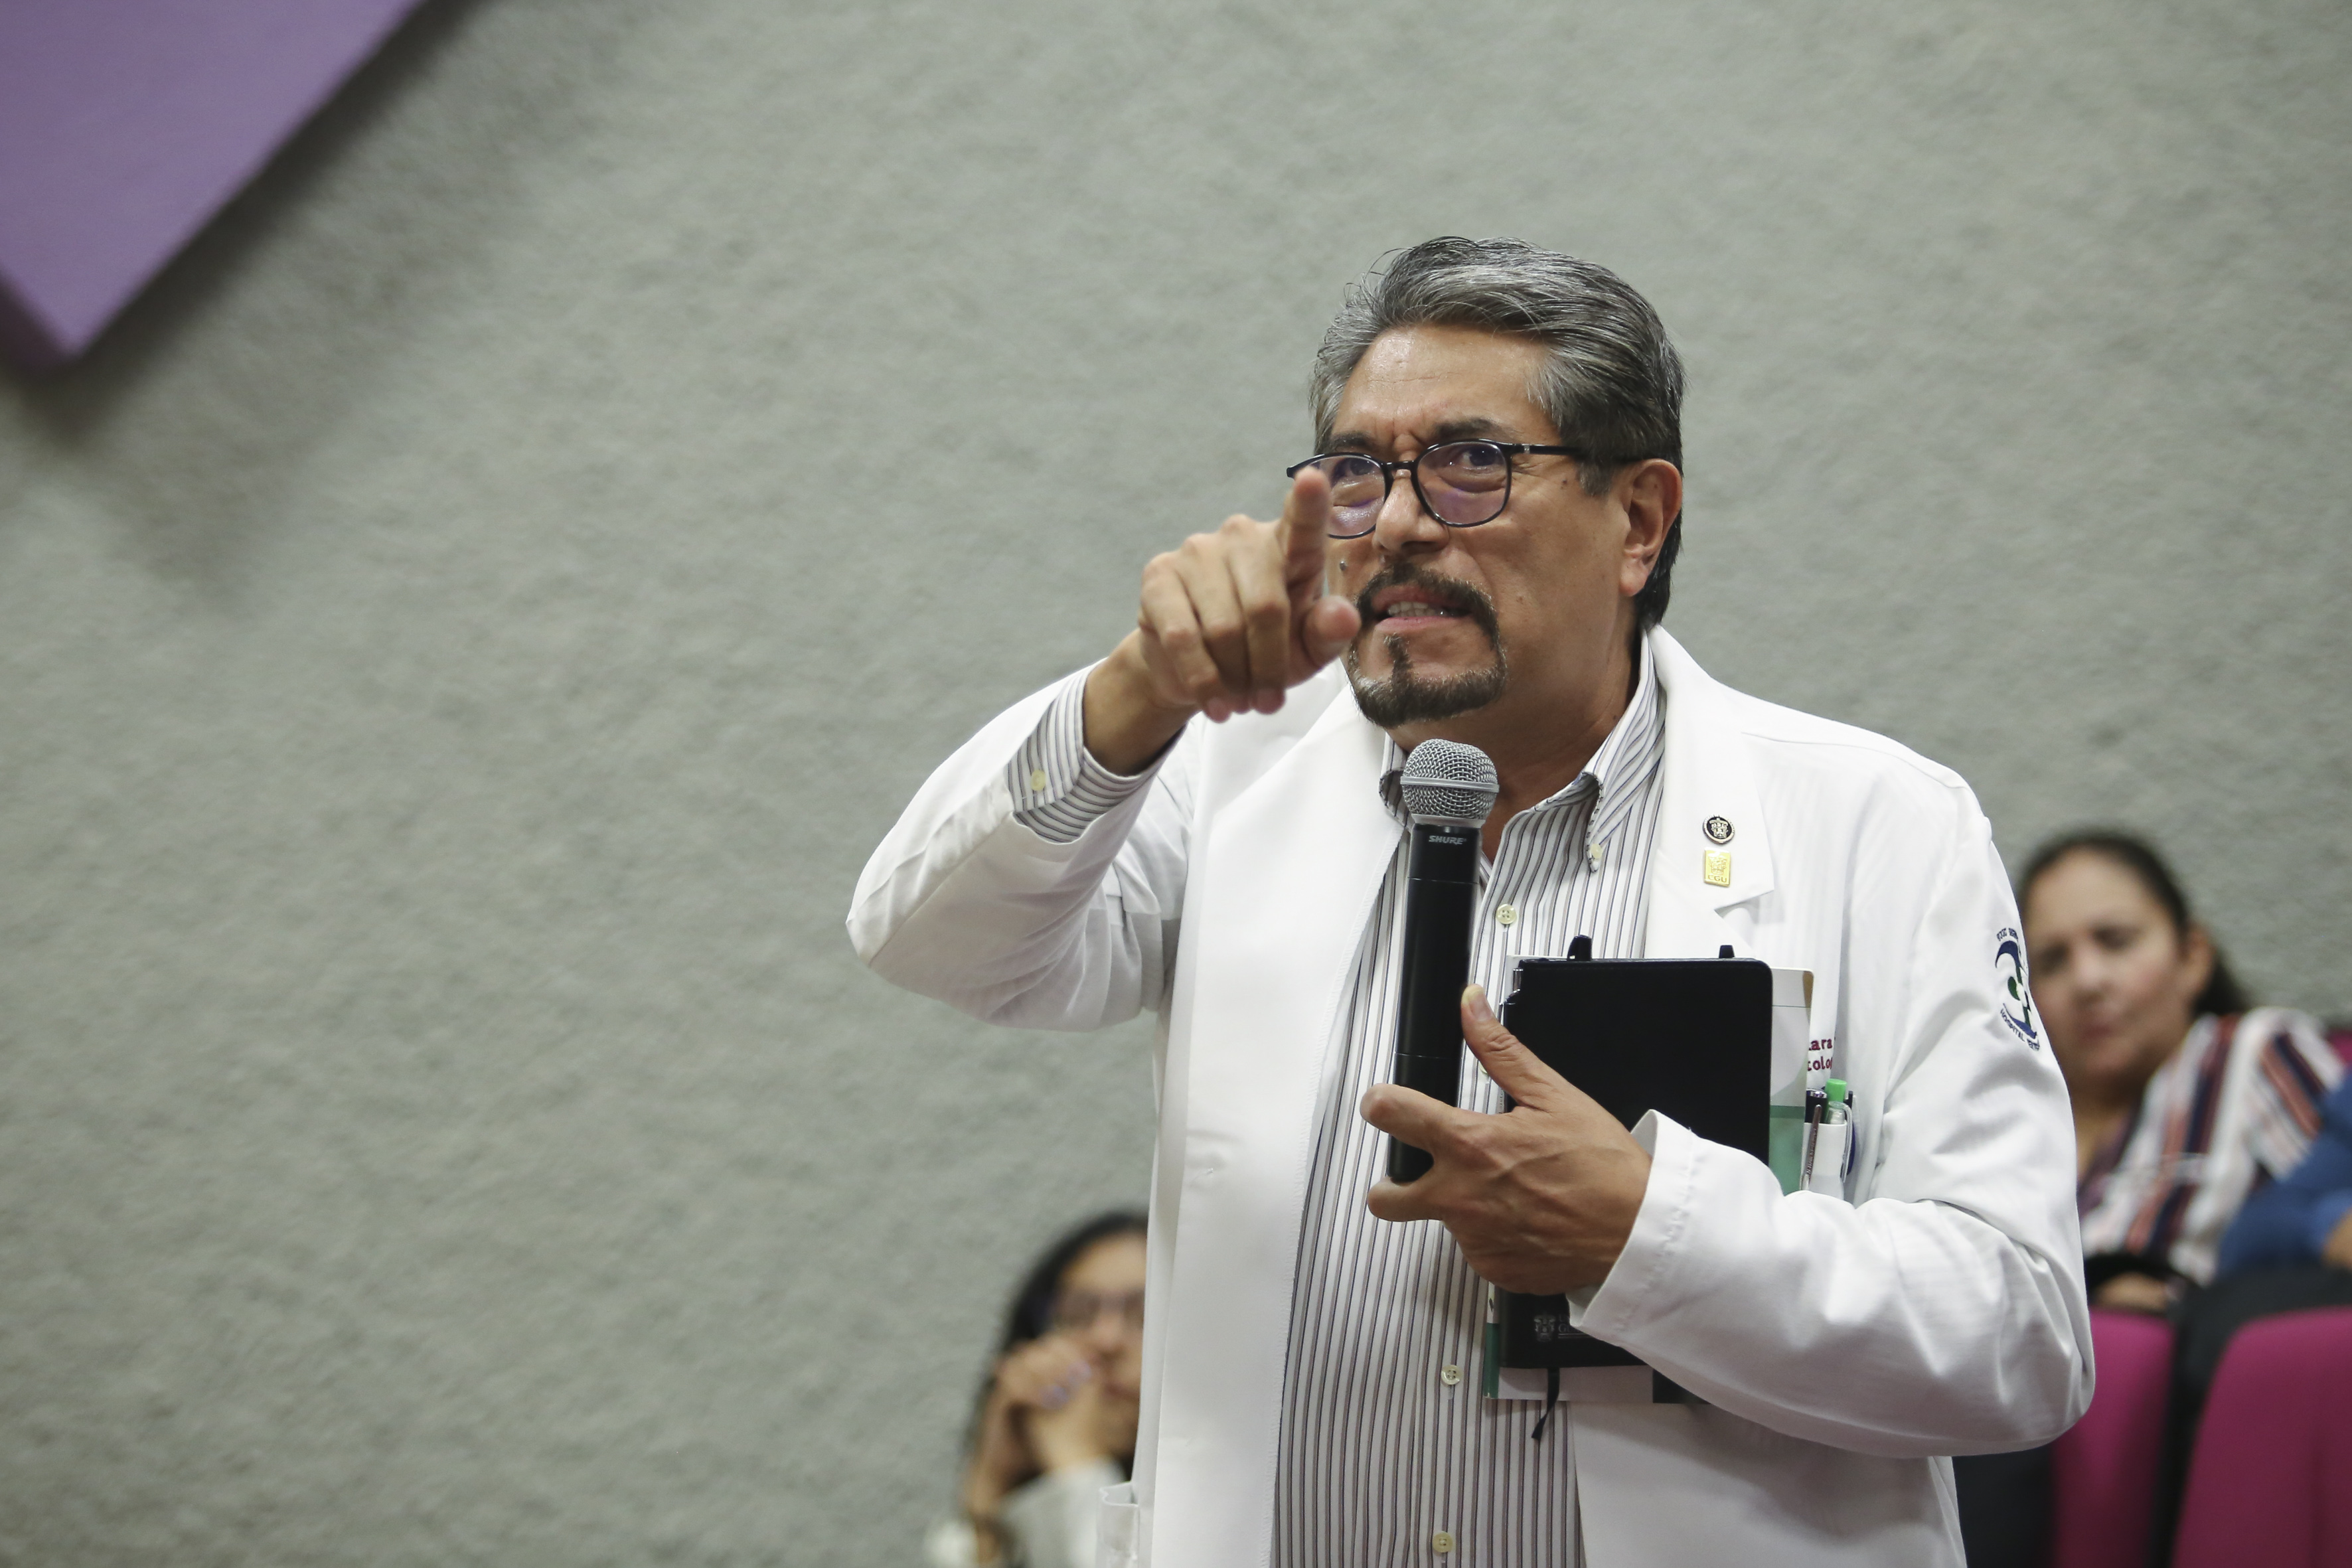 Dr. Juan Víctor Lara haciendo uso de la palabra